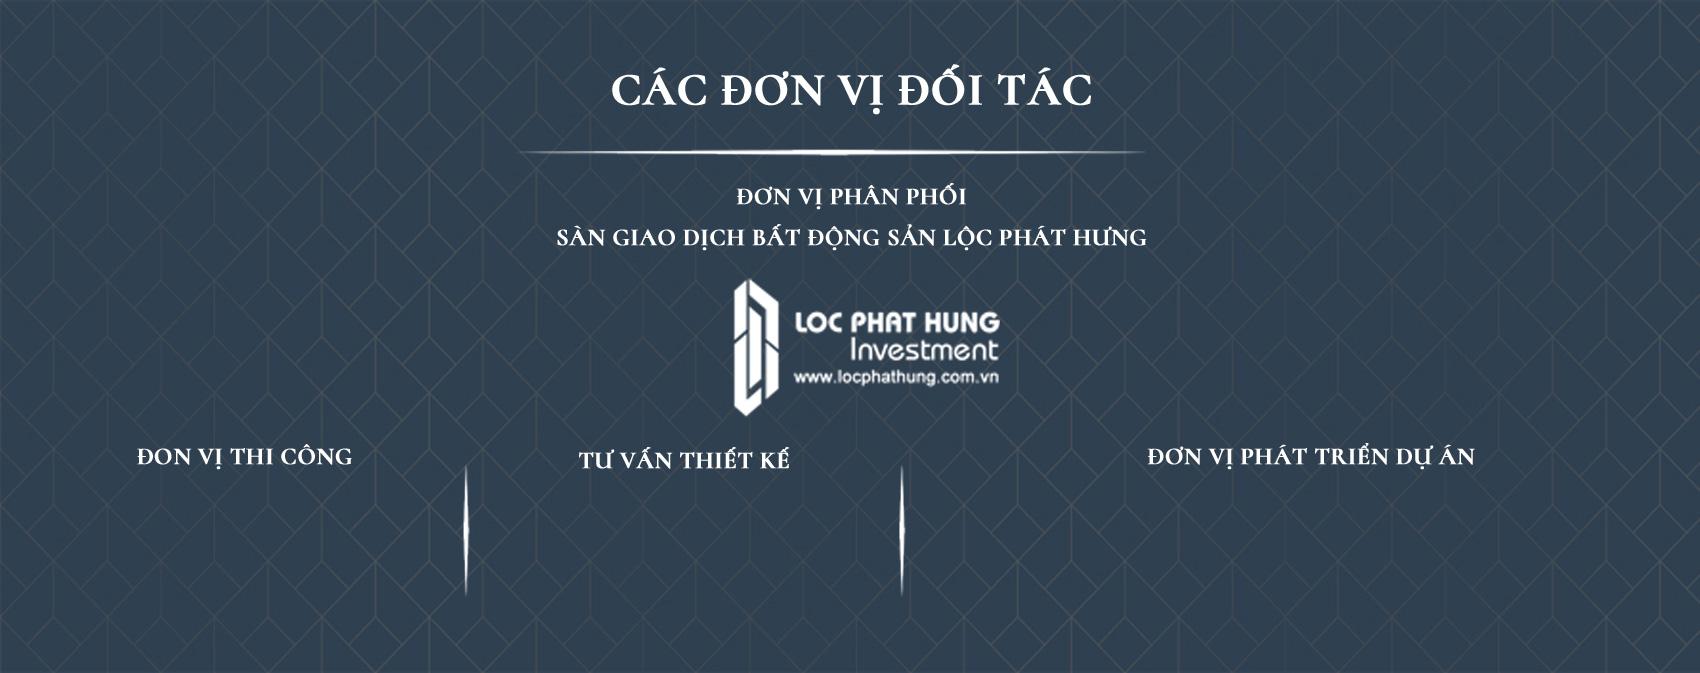 Đơn vị phân phối dự án căn hộ D One Quận Gò Vấp